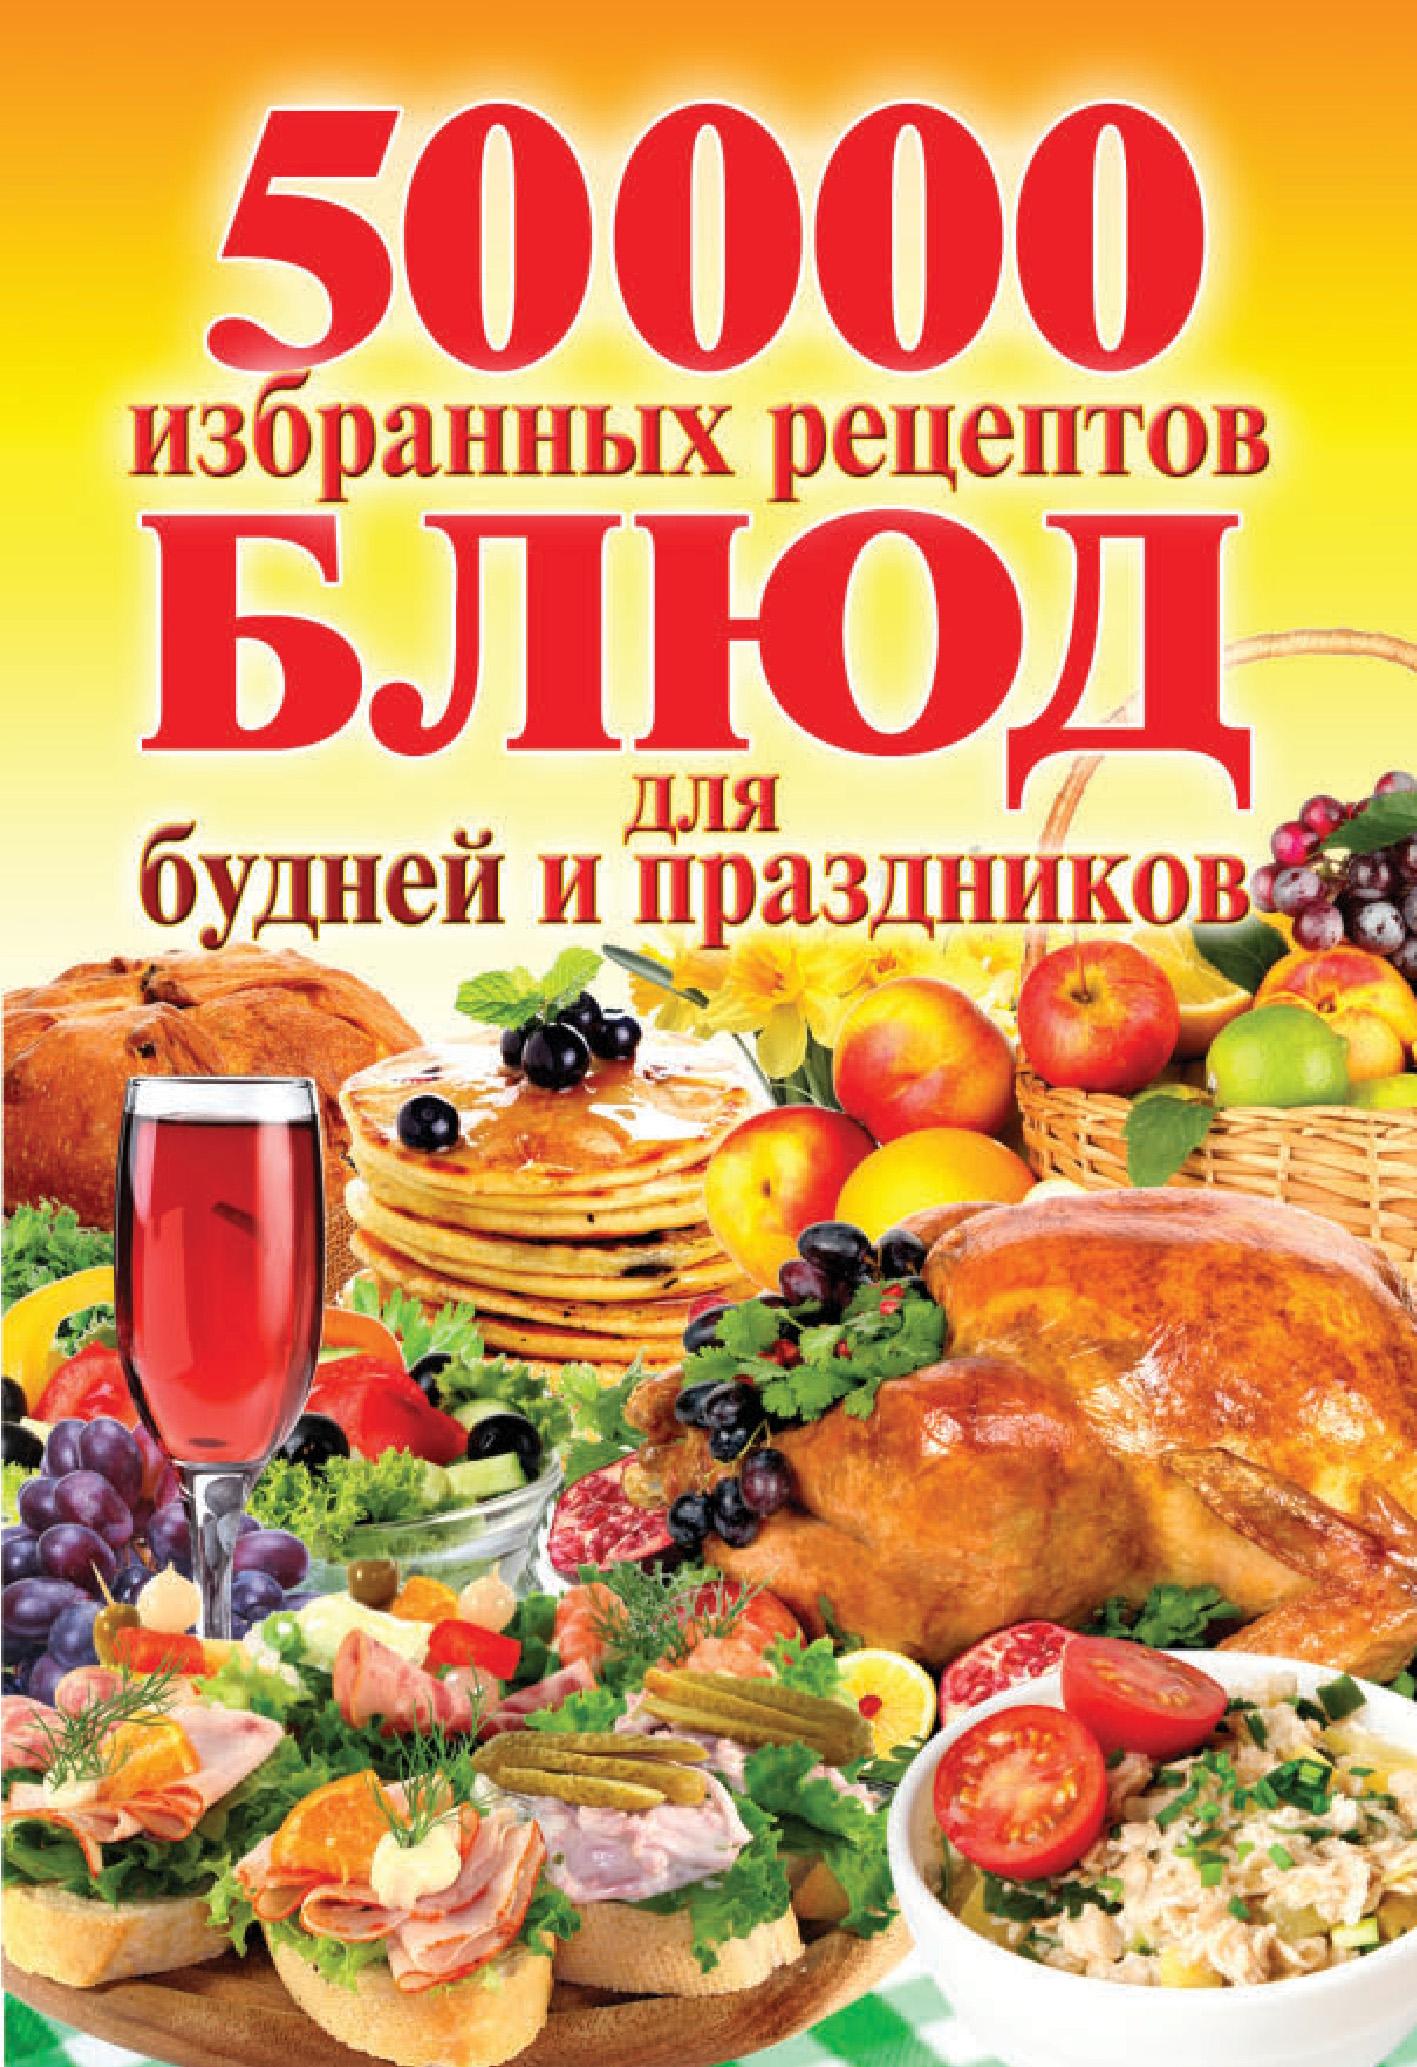 Отсутствует 50 000 избранных рецептов блюд для будней и праздников наталья семенова 50 000 избранных рецептов для мультиварки isbn 978 5 386 07974 1